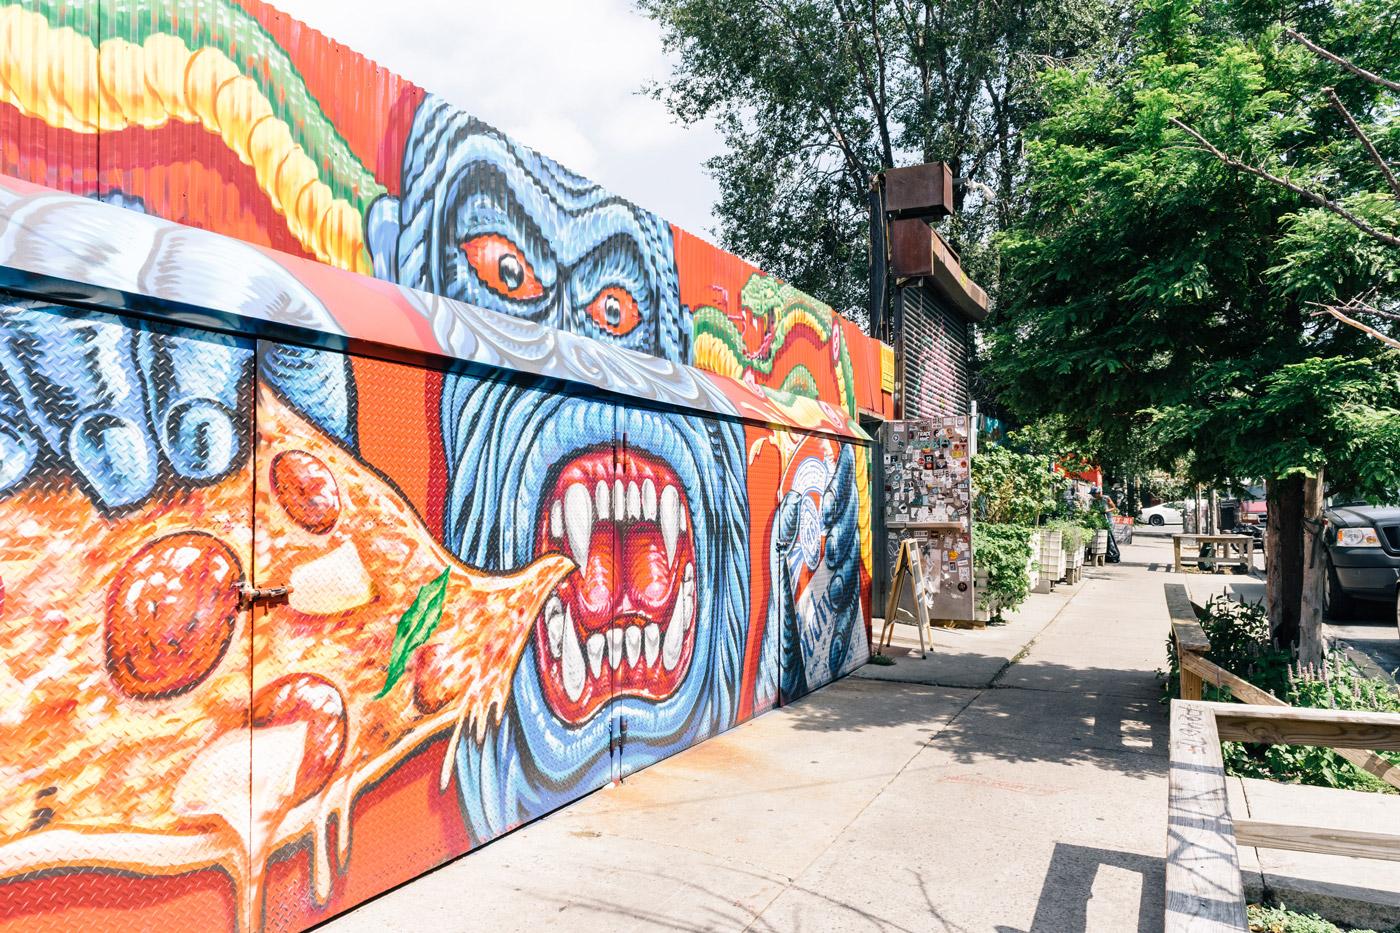 Graffiti murals in Bushwick, Brooklyn